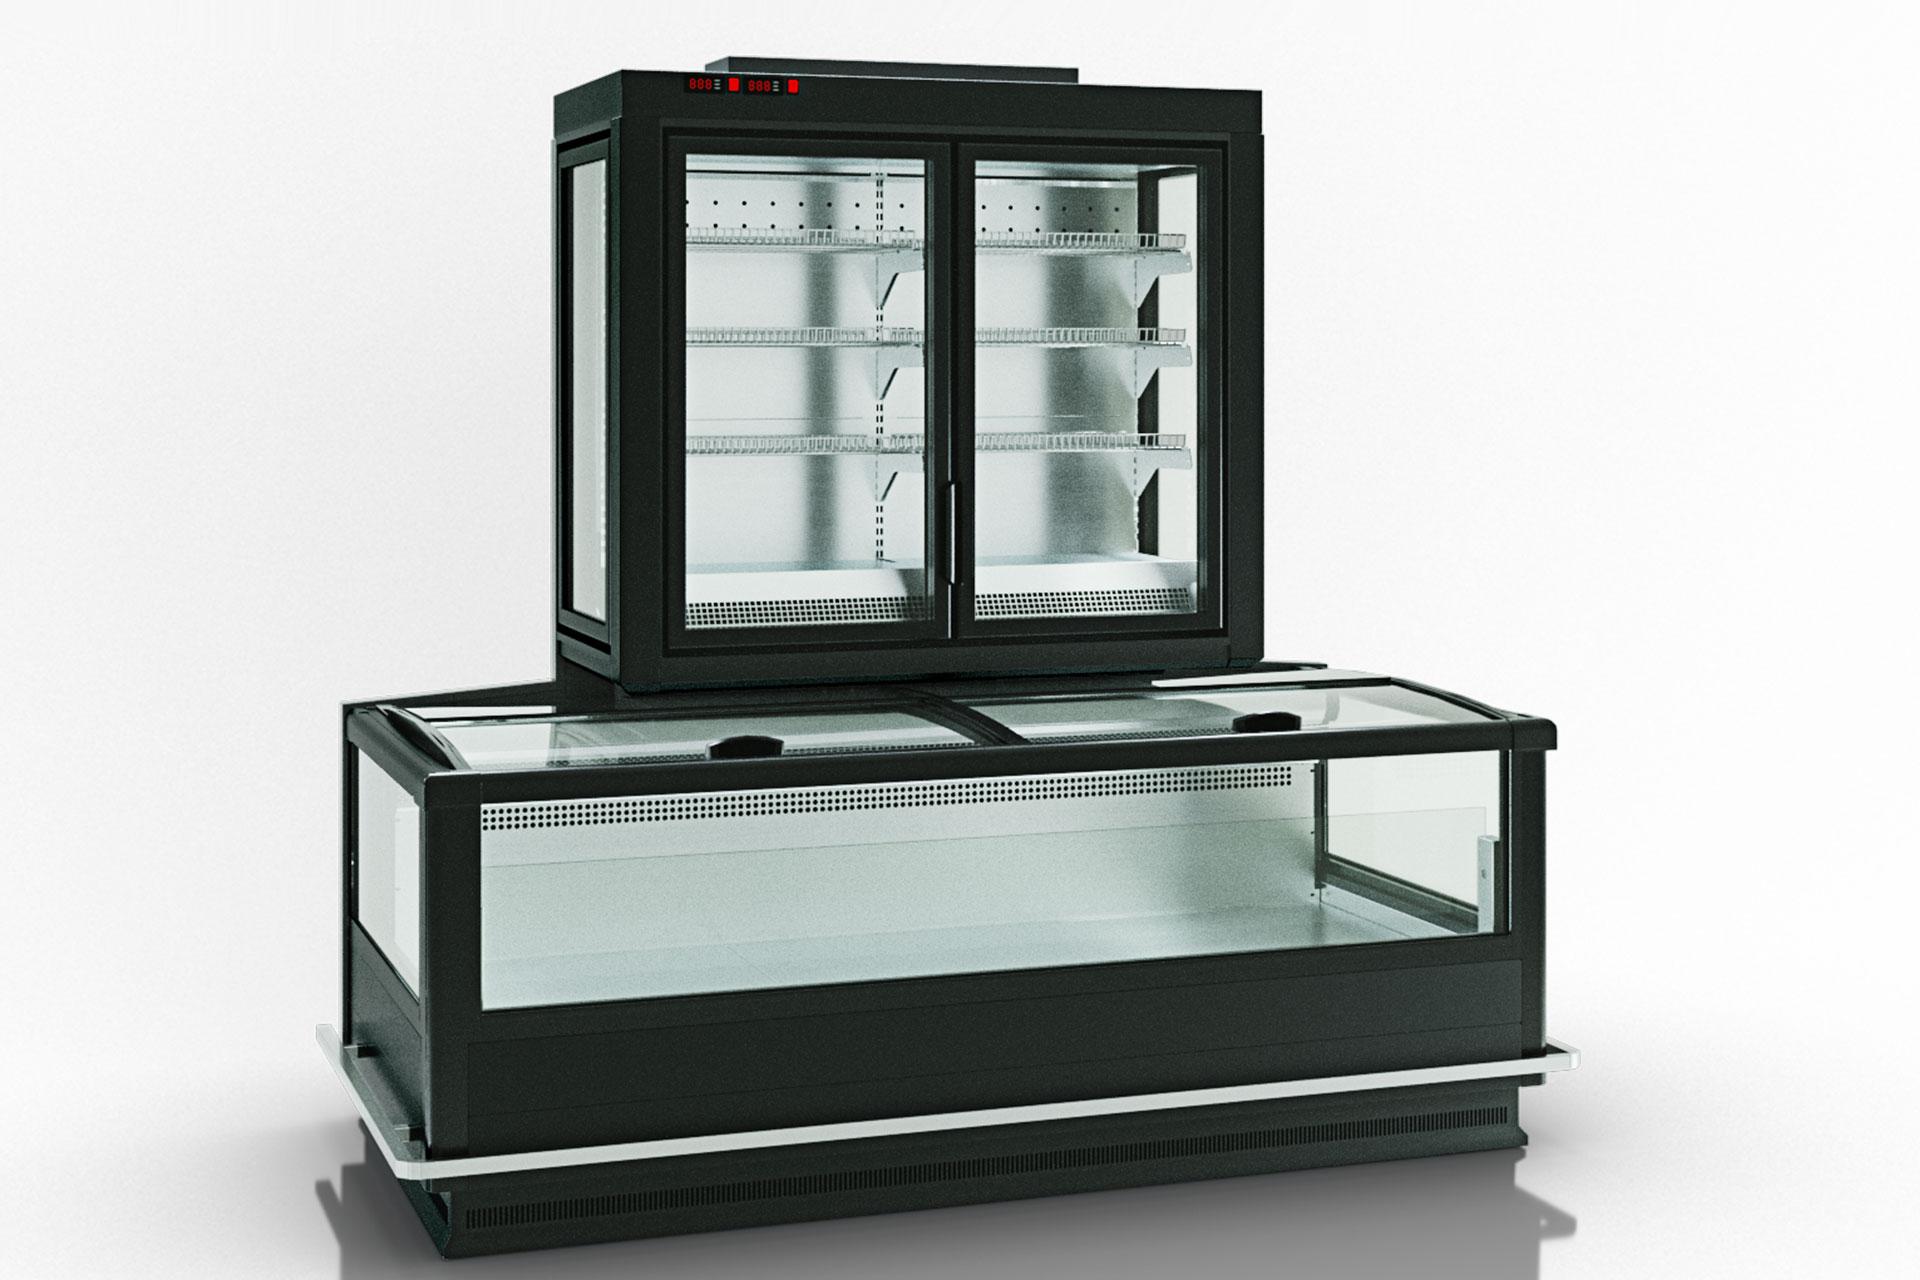 Витрина для замороженных продуктов Alaska combi 2 MD MHV 110 LT D/C 220-DLM-TL